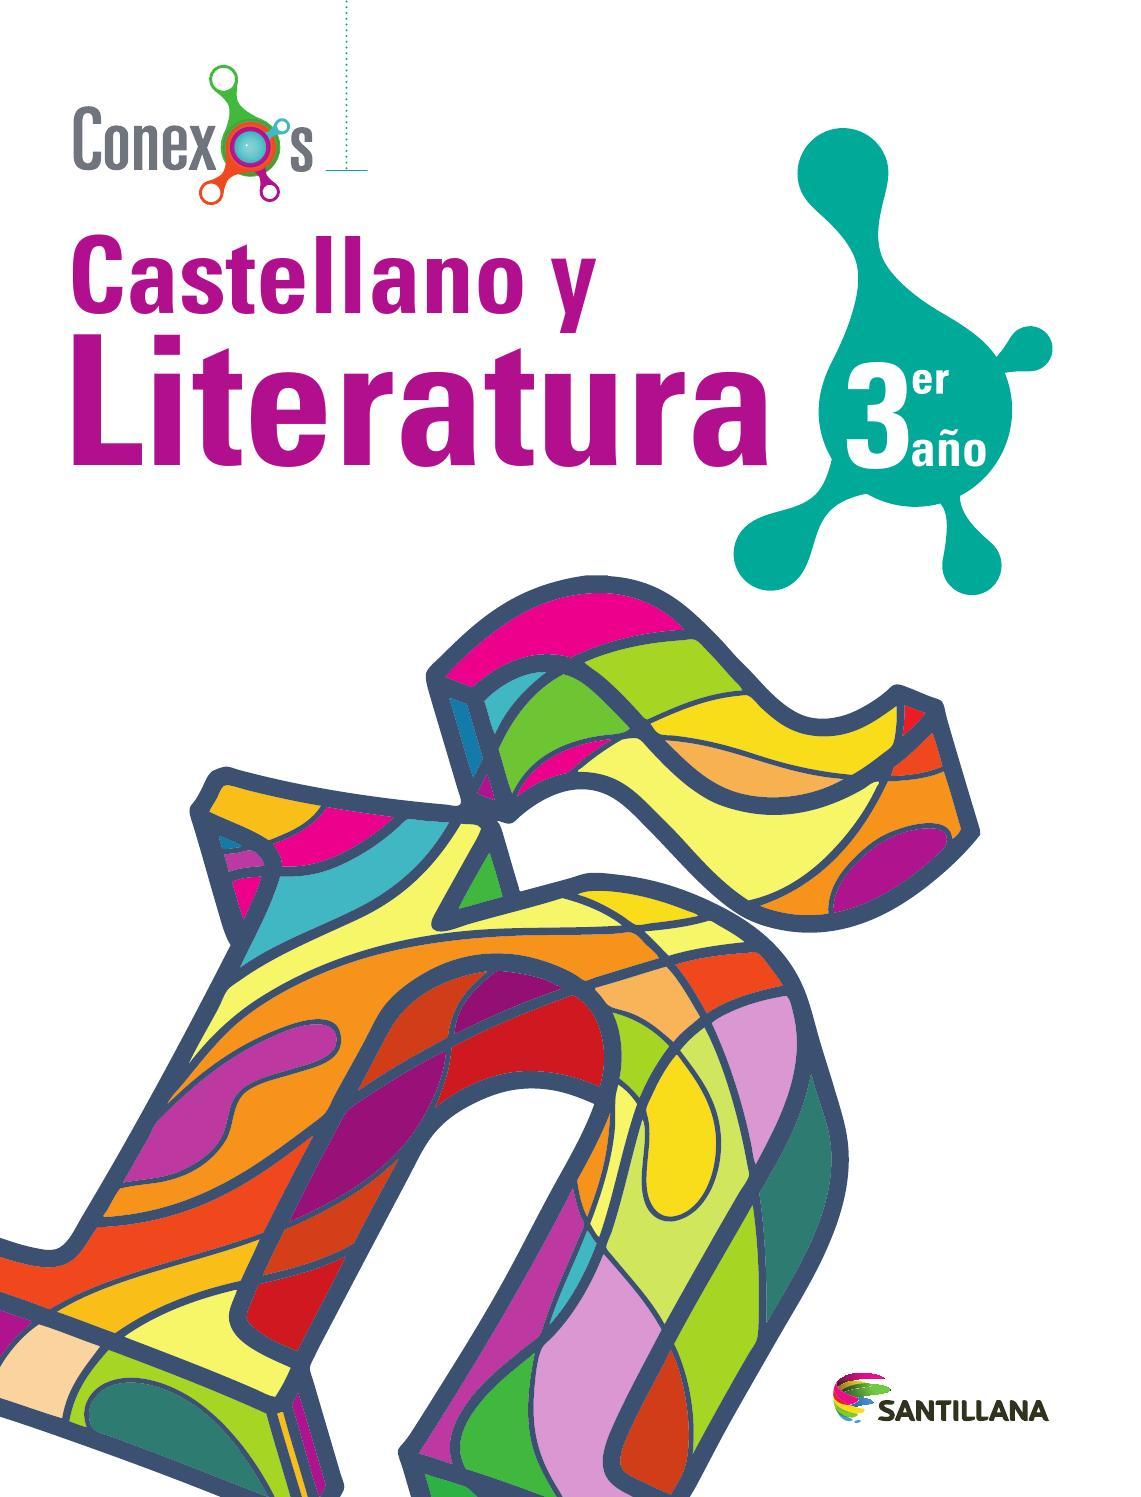 Castellano y literatura 3er ao conexos by santillana venezuela castellano y literatura 3er ao conexos by santillana venezuela issuu urtaz Images